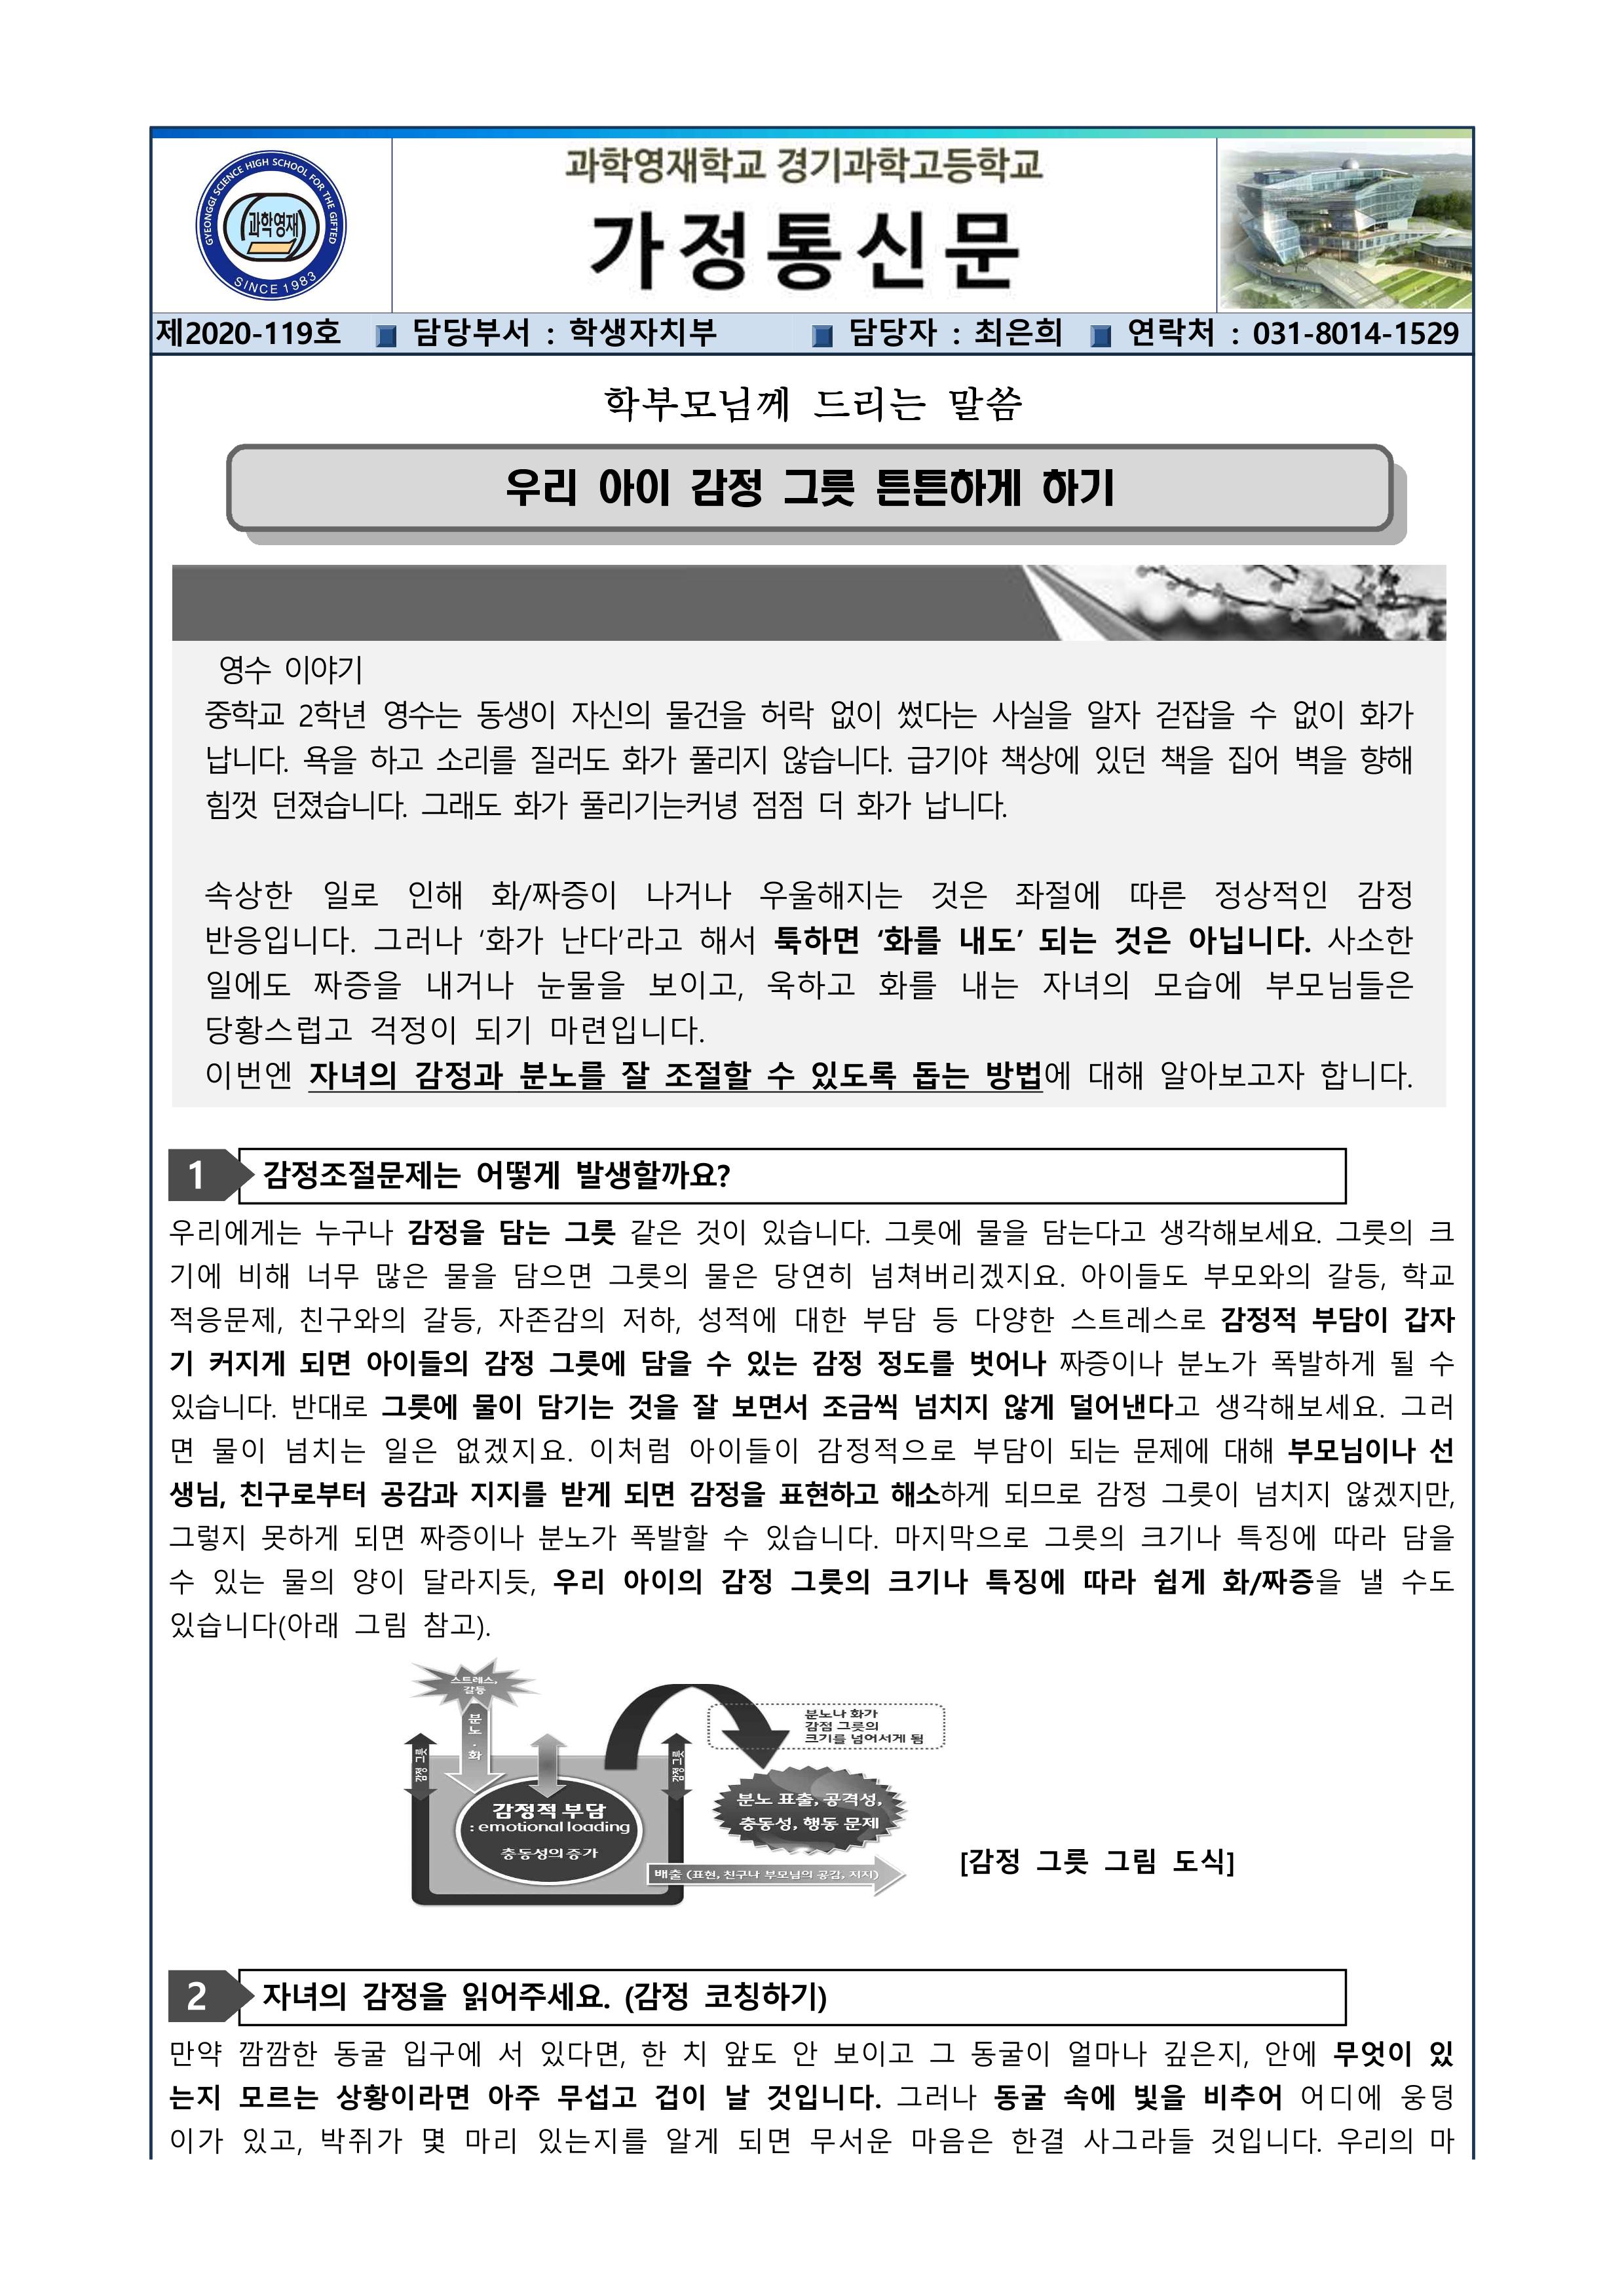 뉴스레터 자녀사랑하기 제2020-10호 가정통신문 1Page.